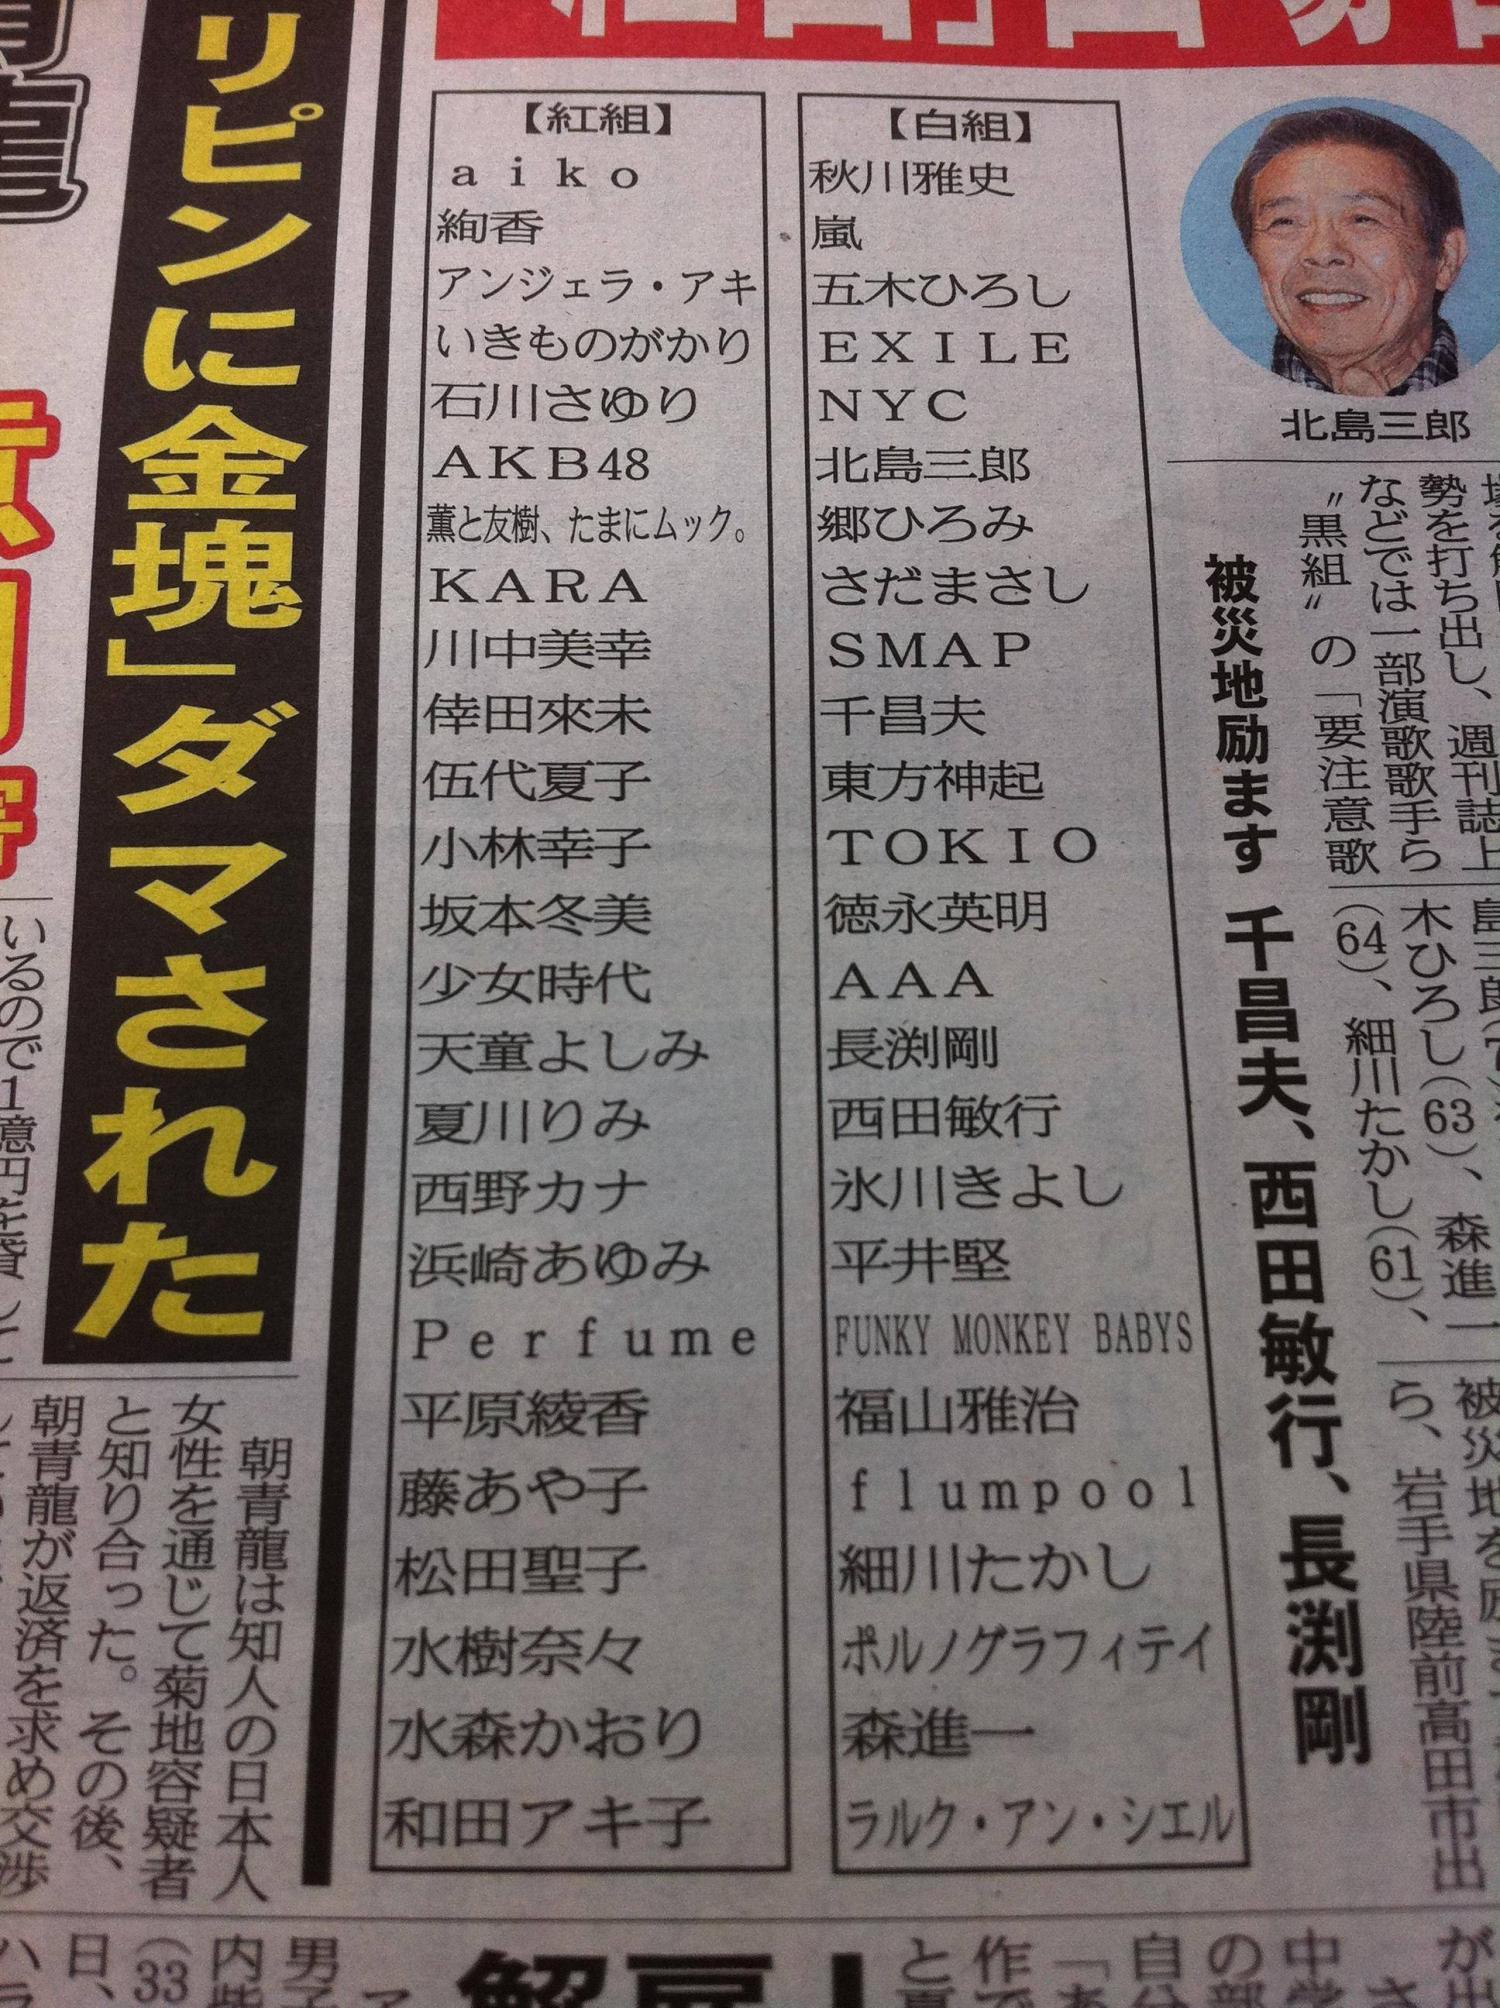 11紅白新聞